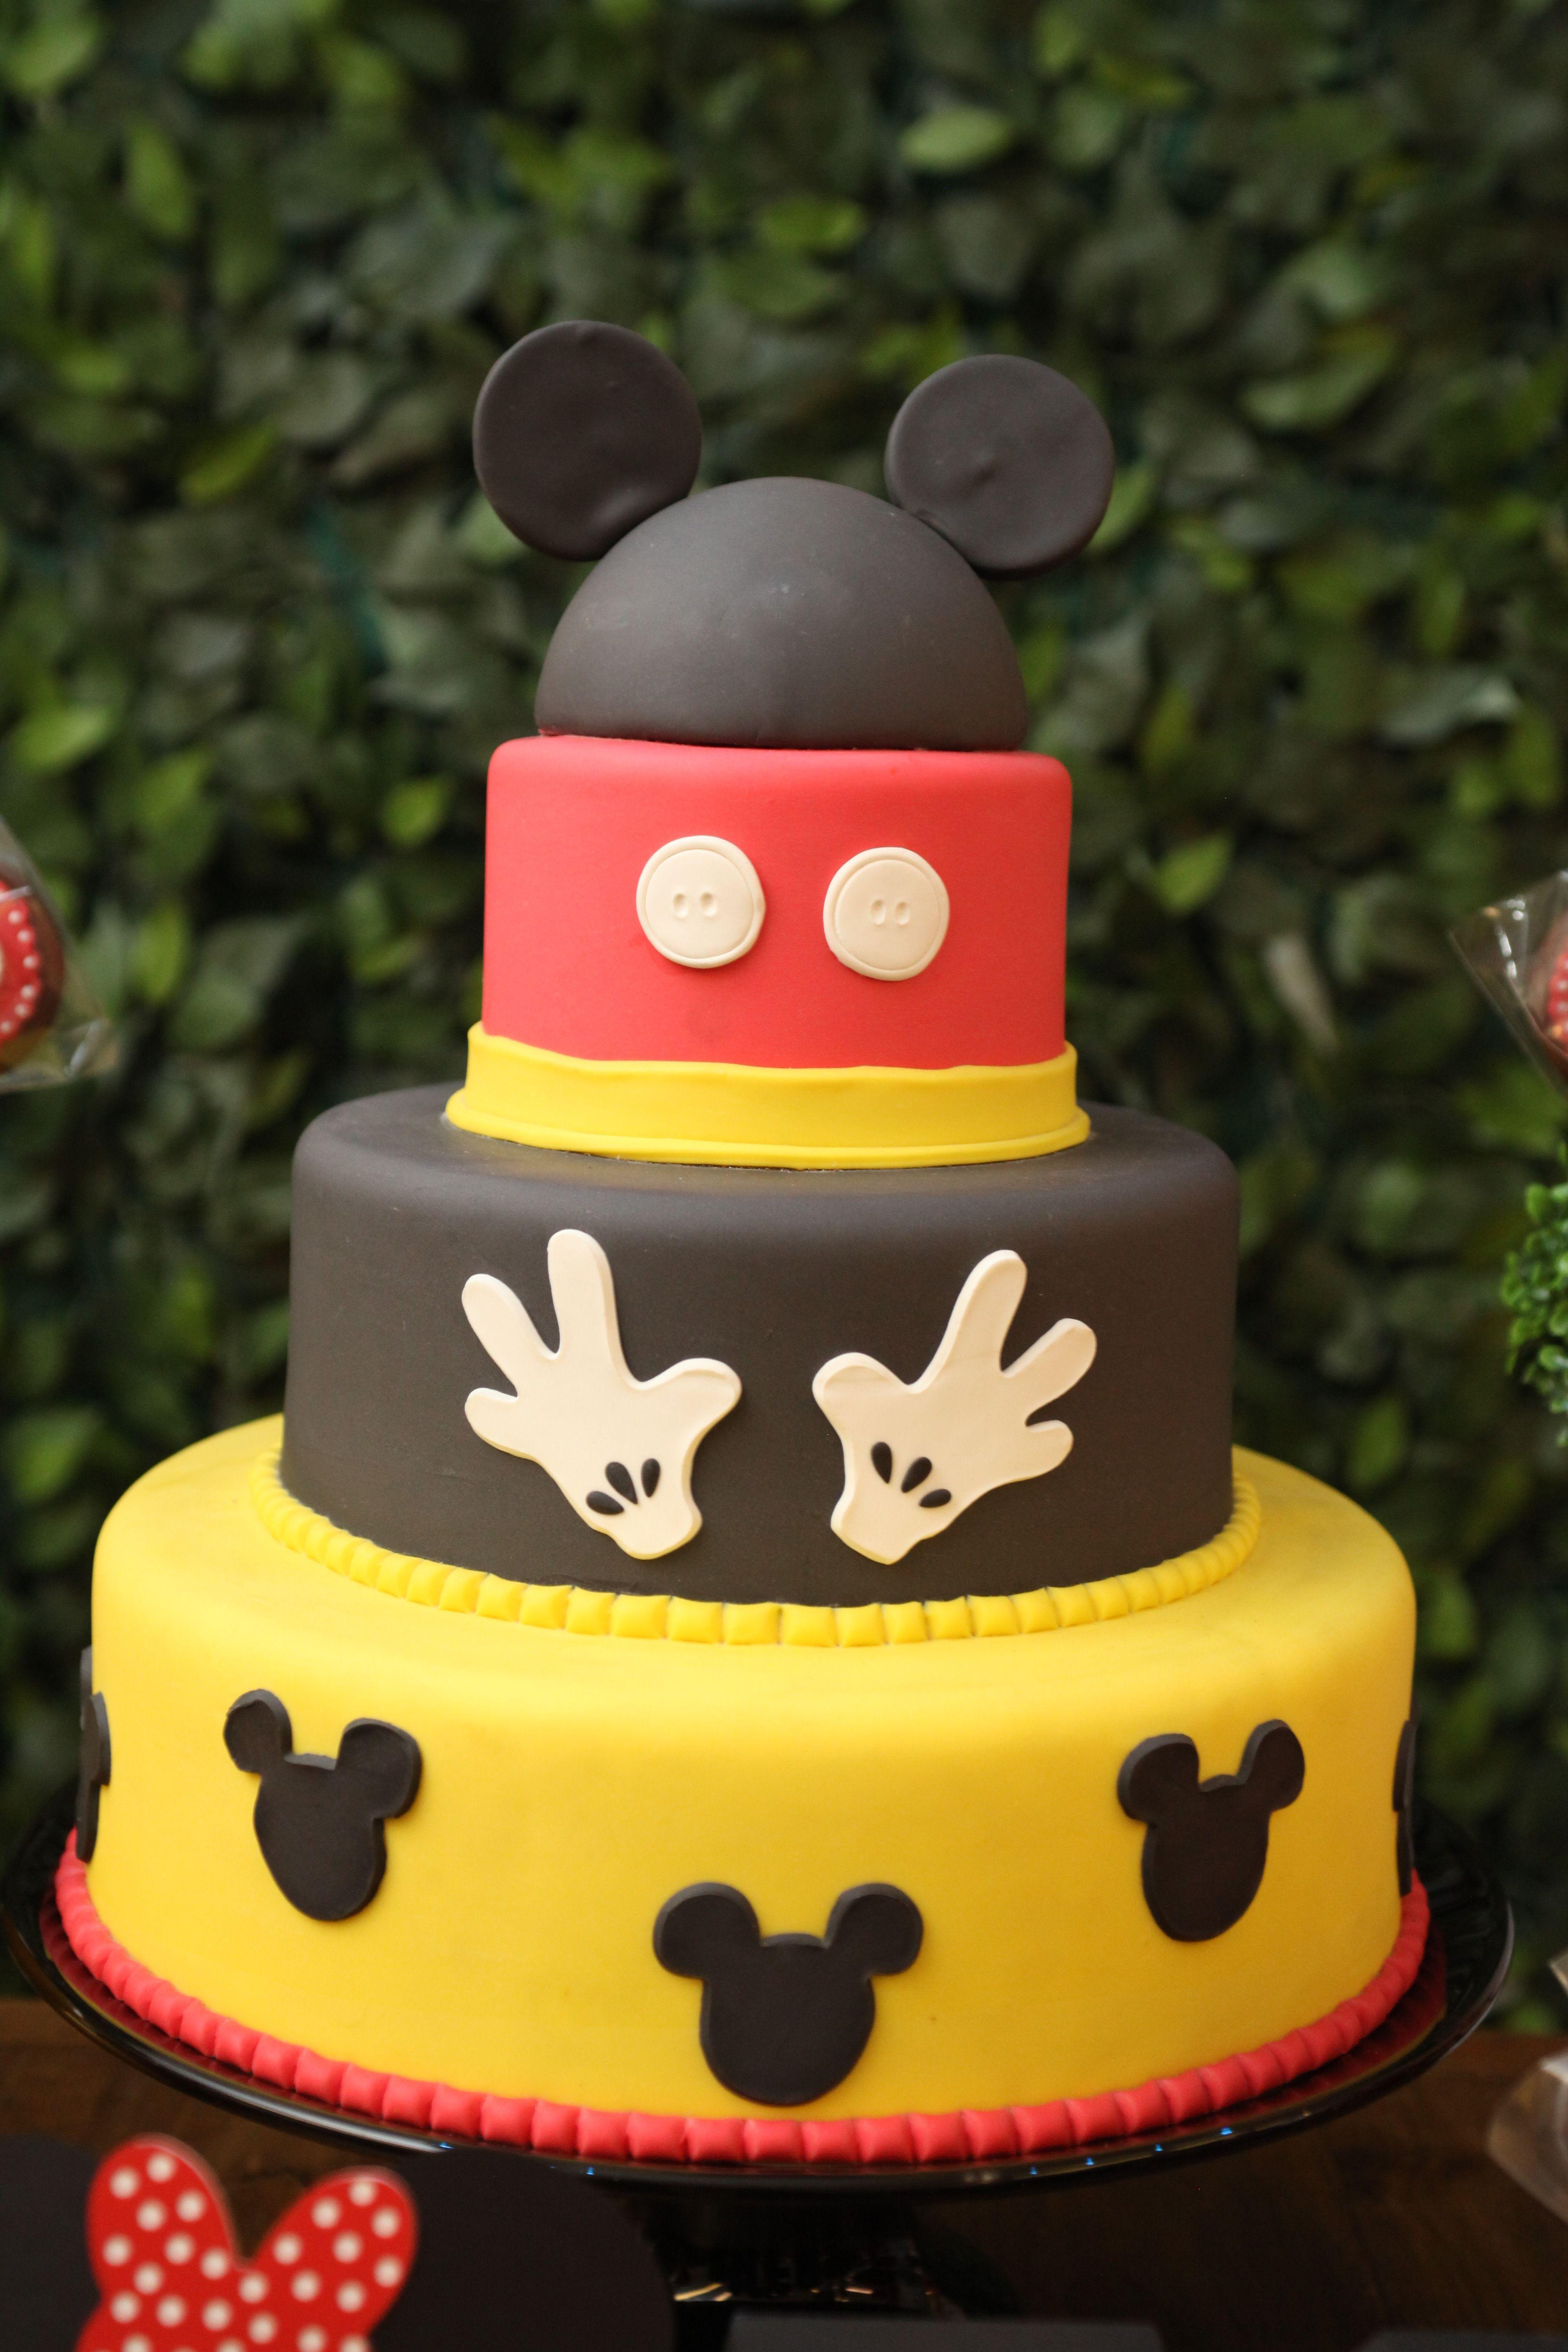 O melhor Buffet infantil lúdico da Zona Leste de SP, ao lado do Tatuapé Festa Mickey Mouse u00bao u00ba  -> Decoração Para Festa Infantil Zona Leste